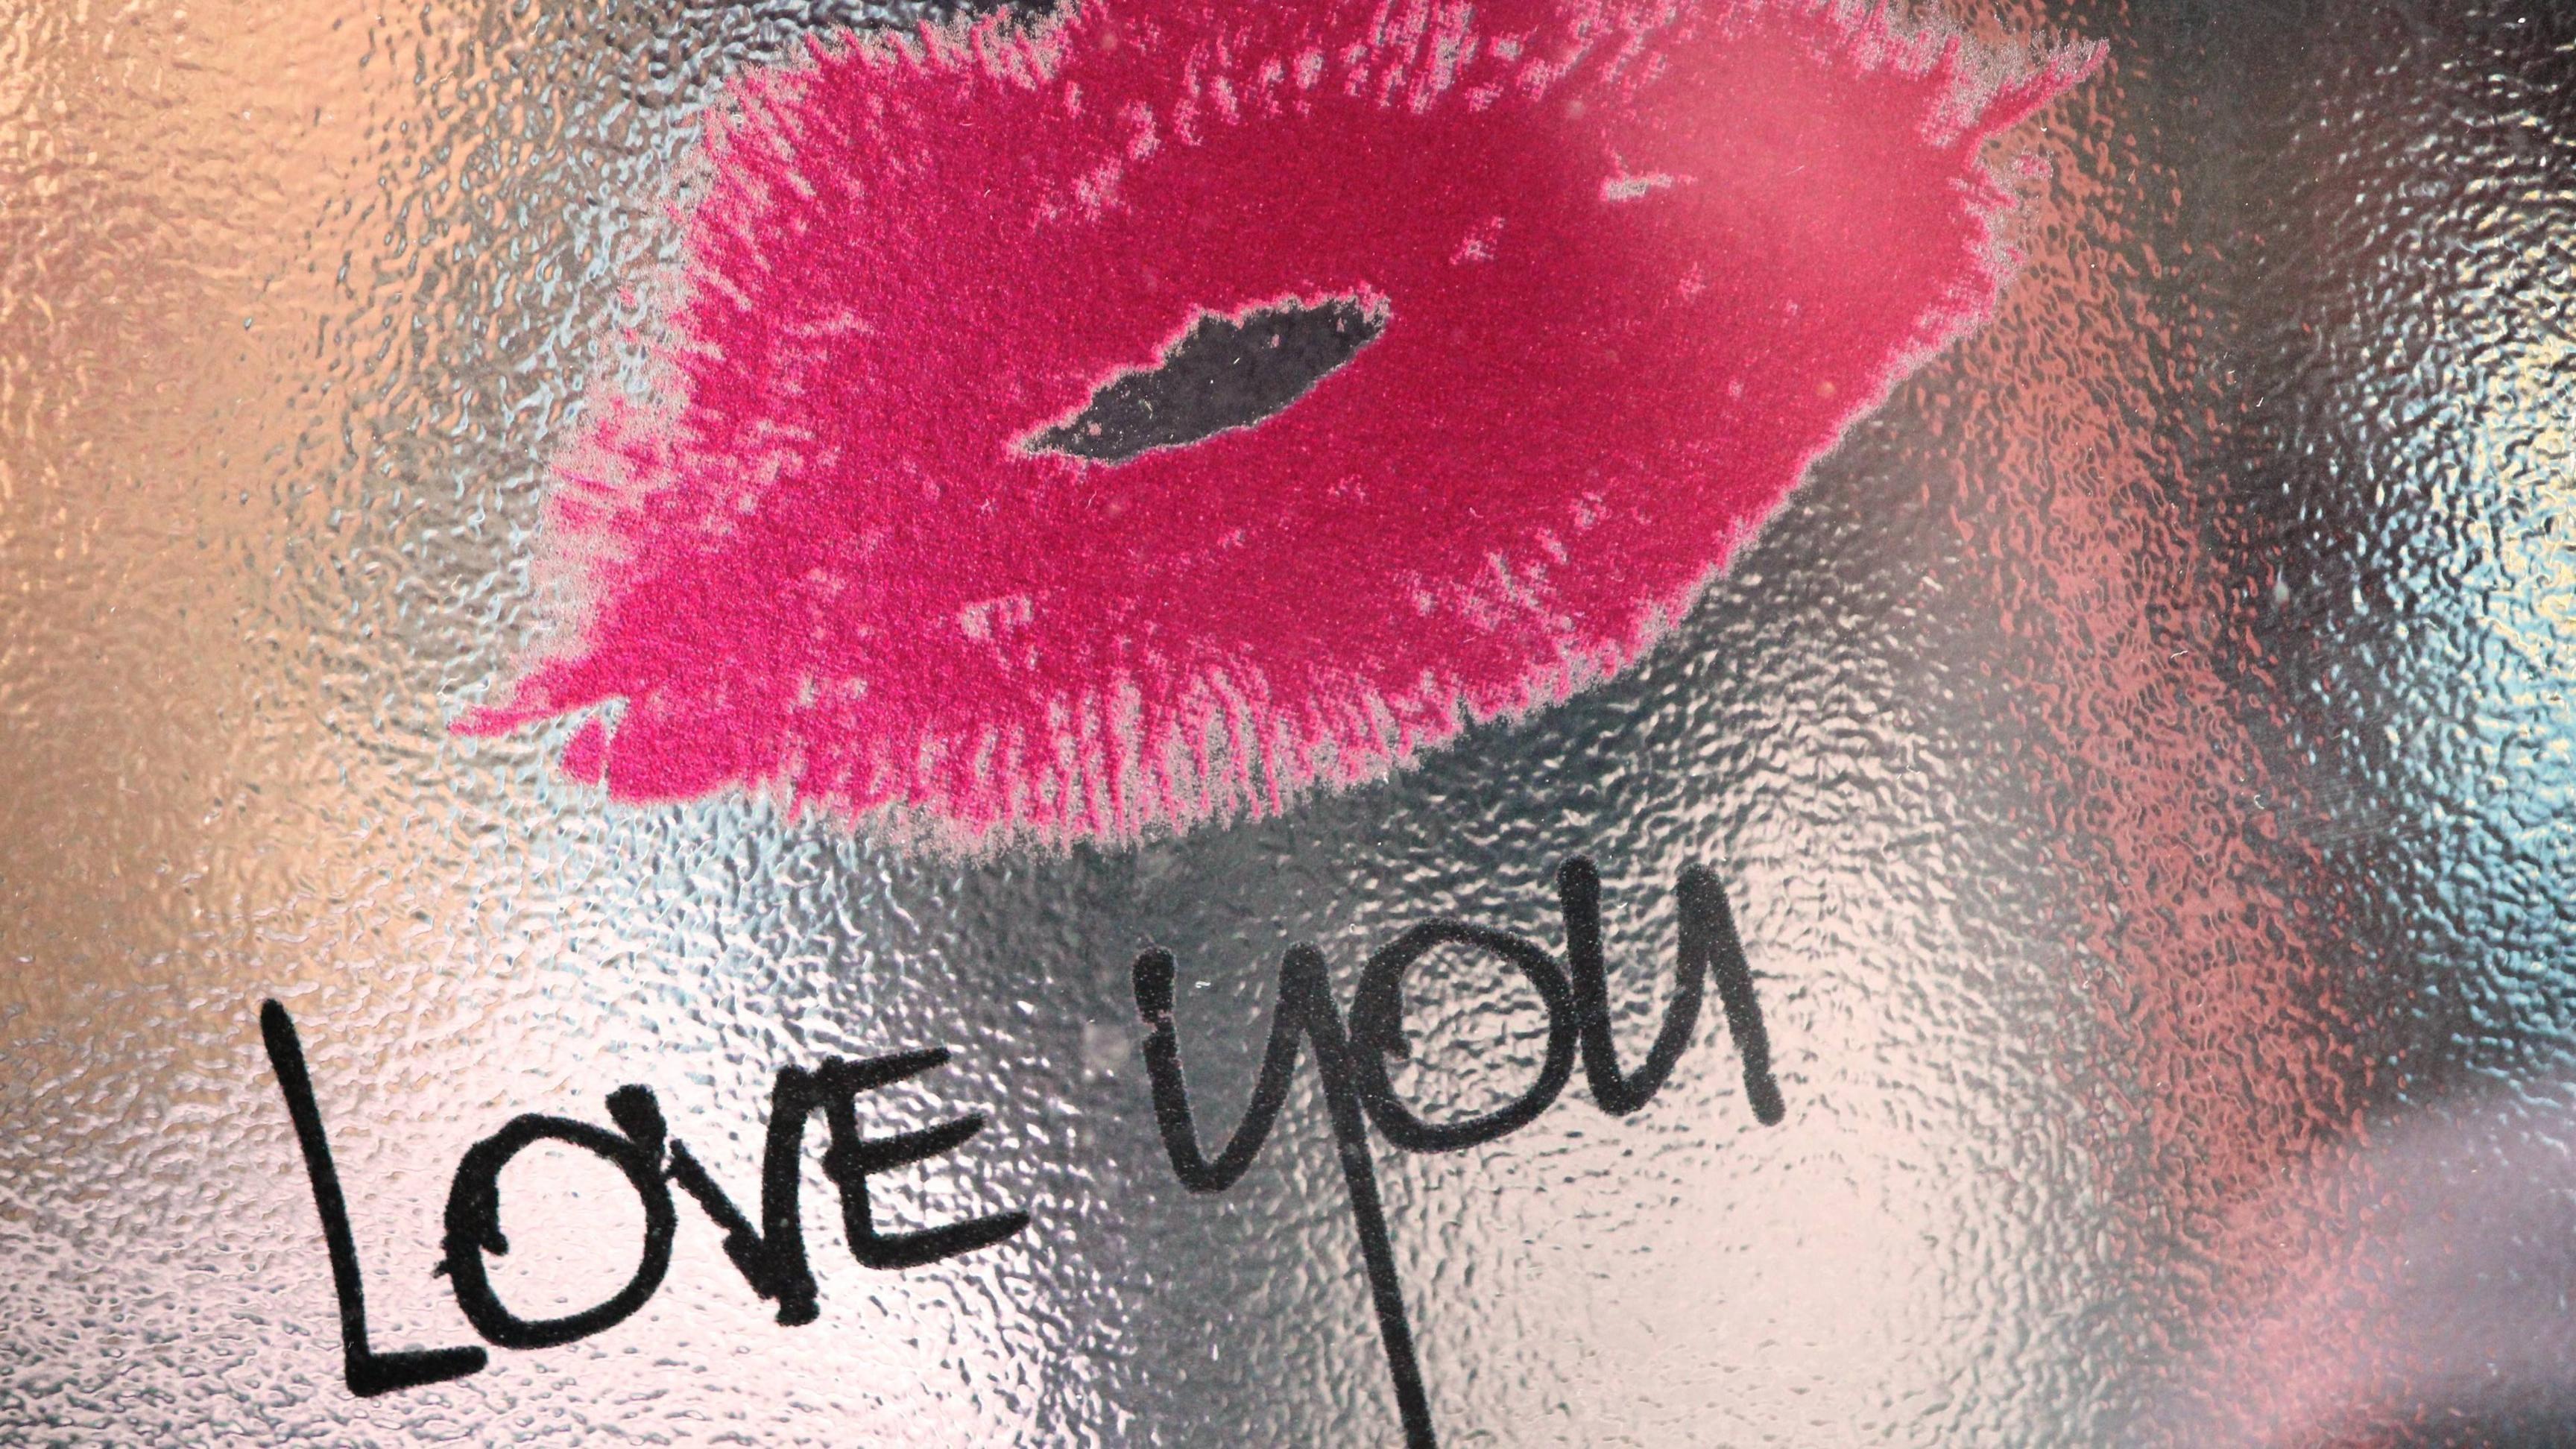 Kisses Wallpaper 62 images 3456x1944